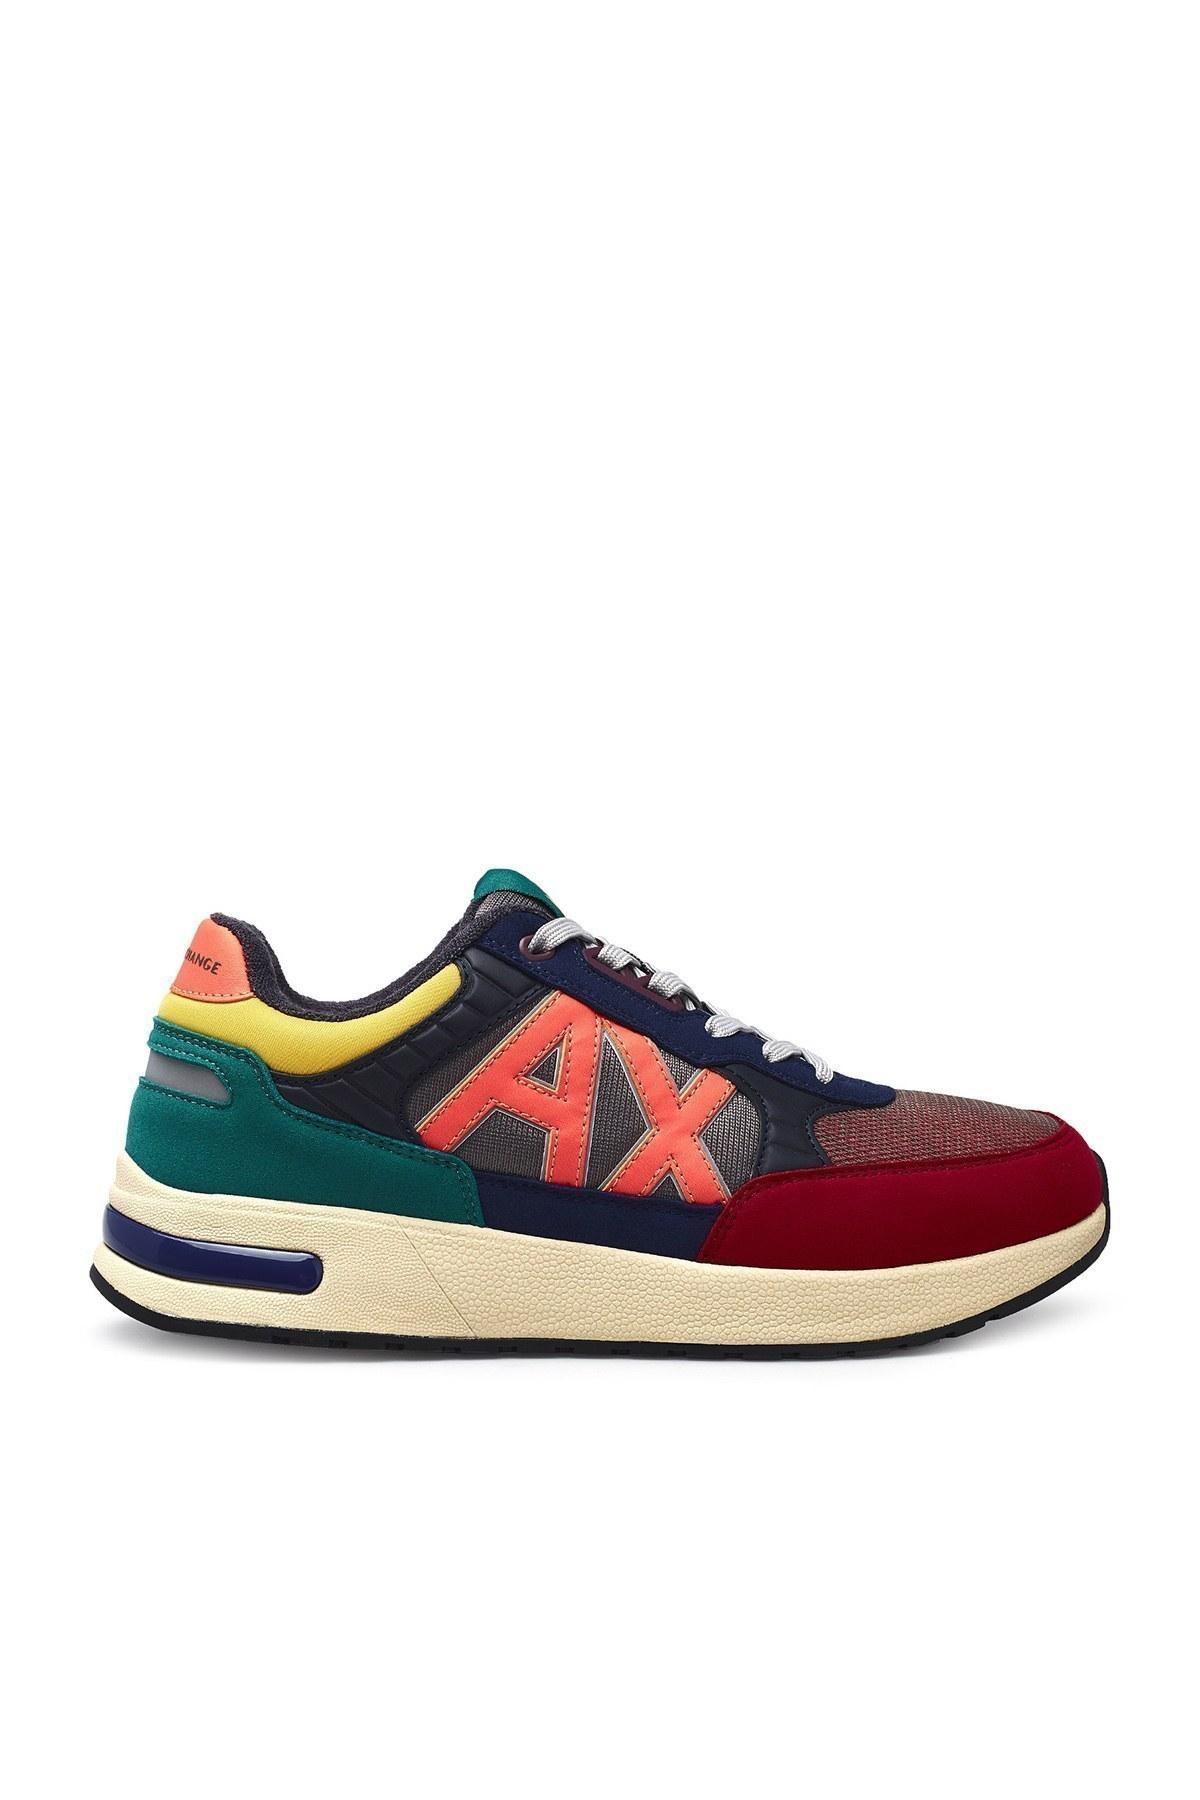 Armani Exchange Erkek Ayakkabı XUX052 XV205 K492 KIRMIZI-MAVİ